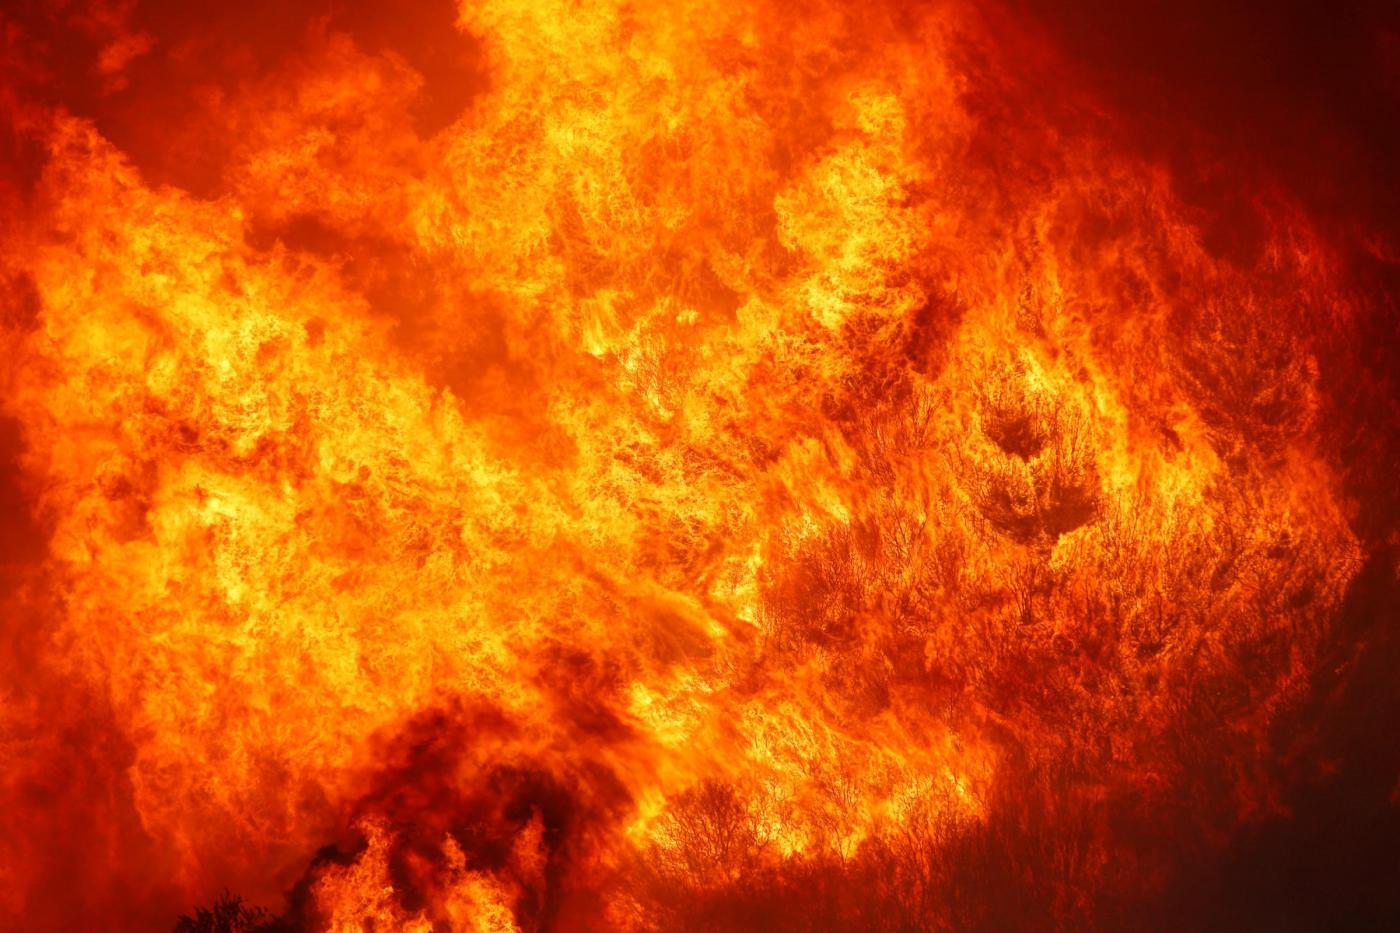 Lavoro A Chiaramonte Gulfi incendi ragusa: ancora fiamme a chiaramonte gulfi, terrore e